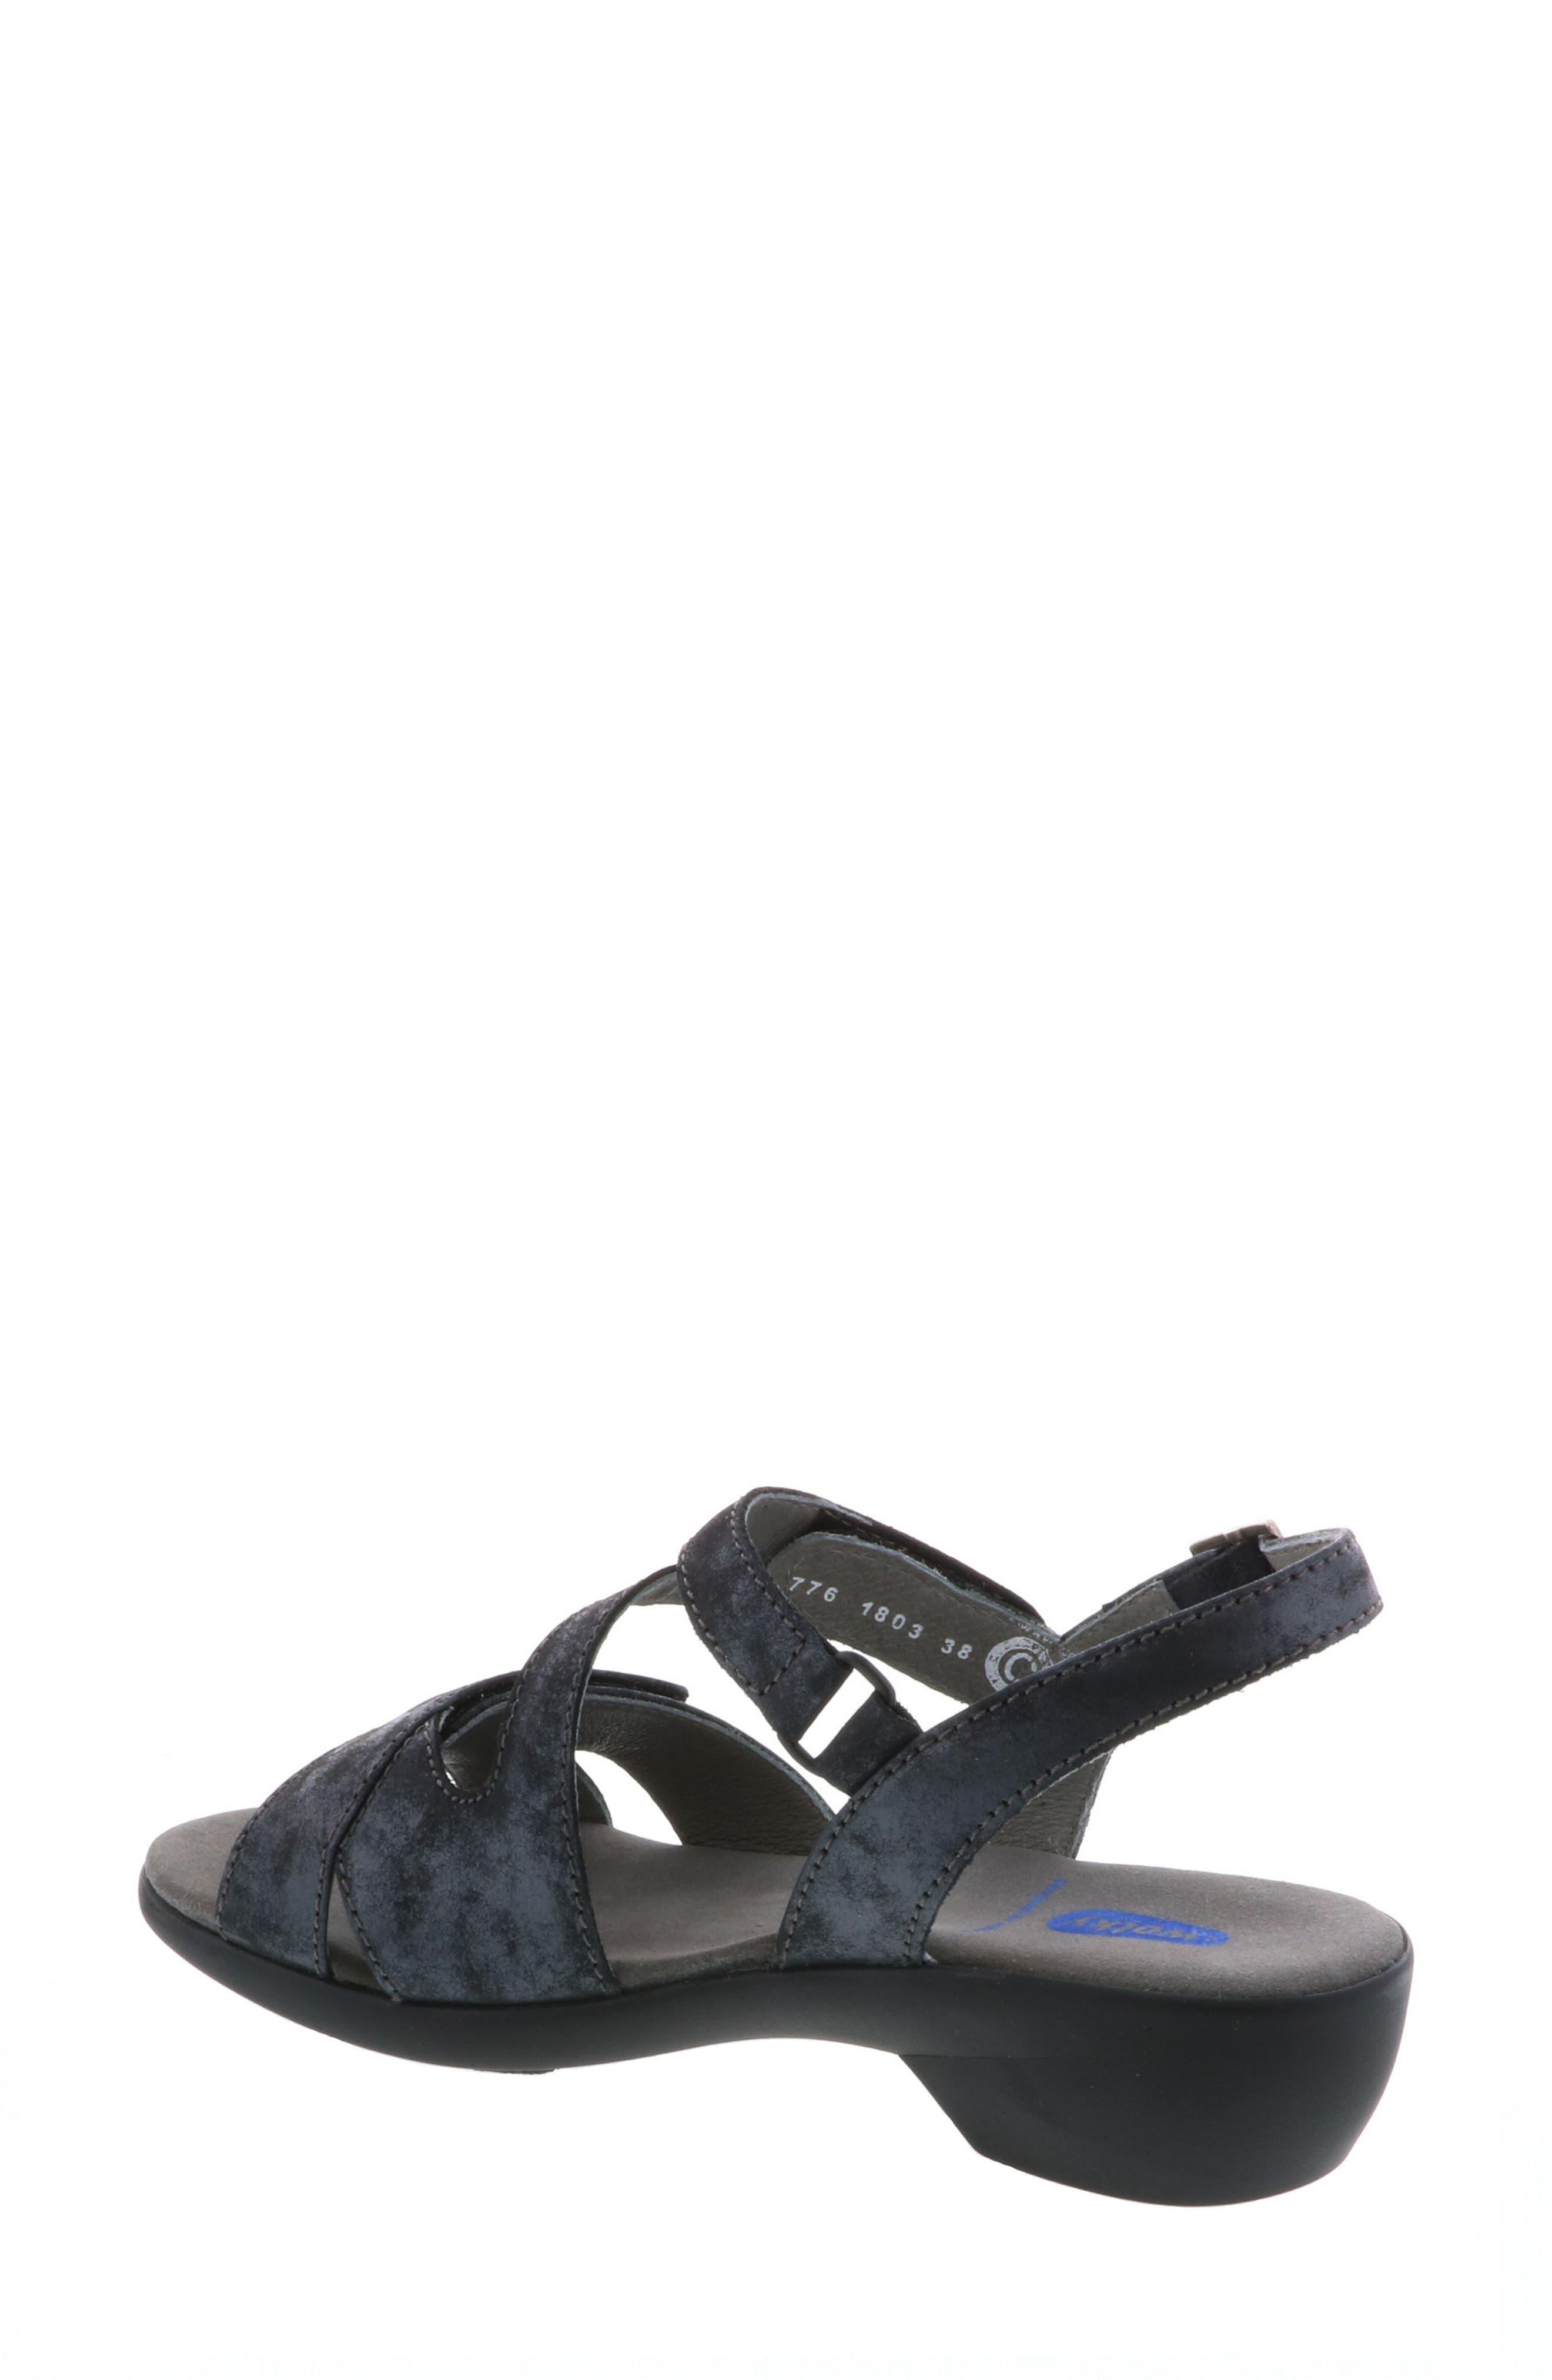 Fria Sandal,                             Alternate thumbnail 2, color,                             Black Nubuck